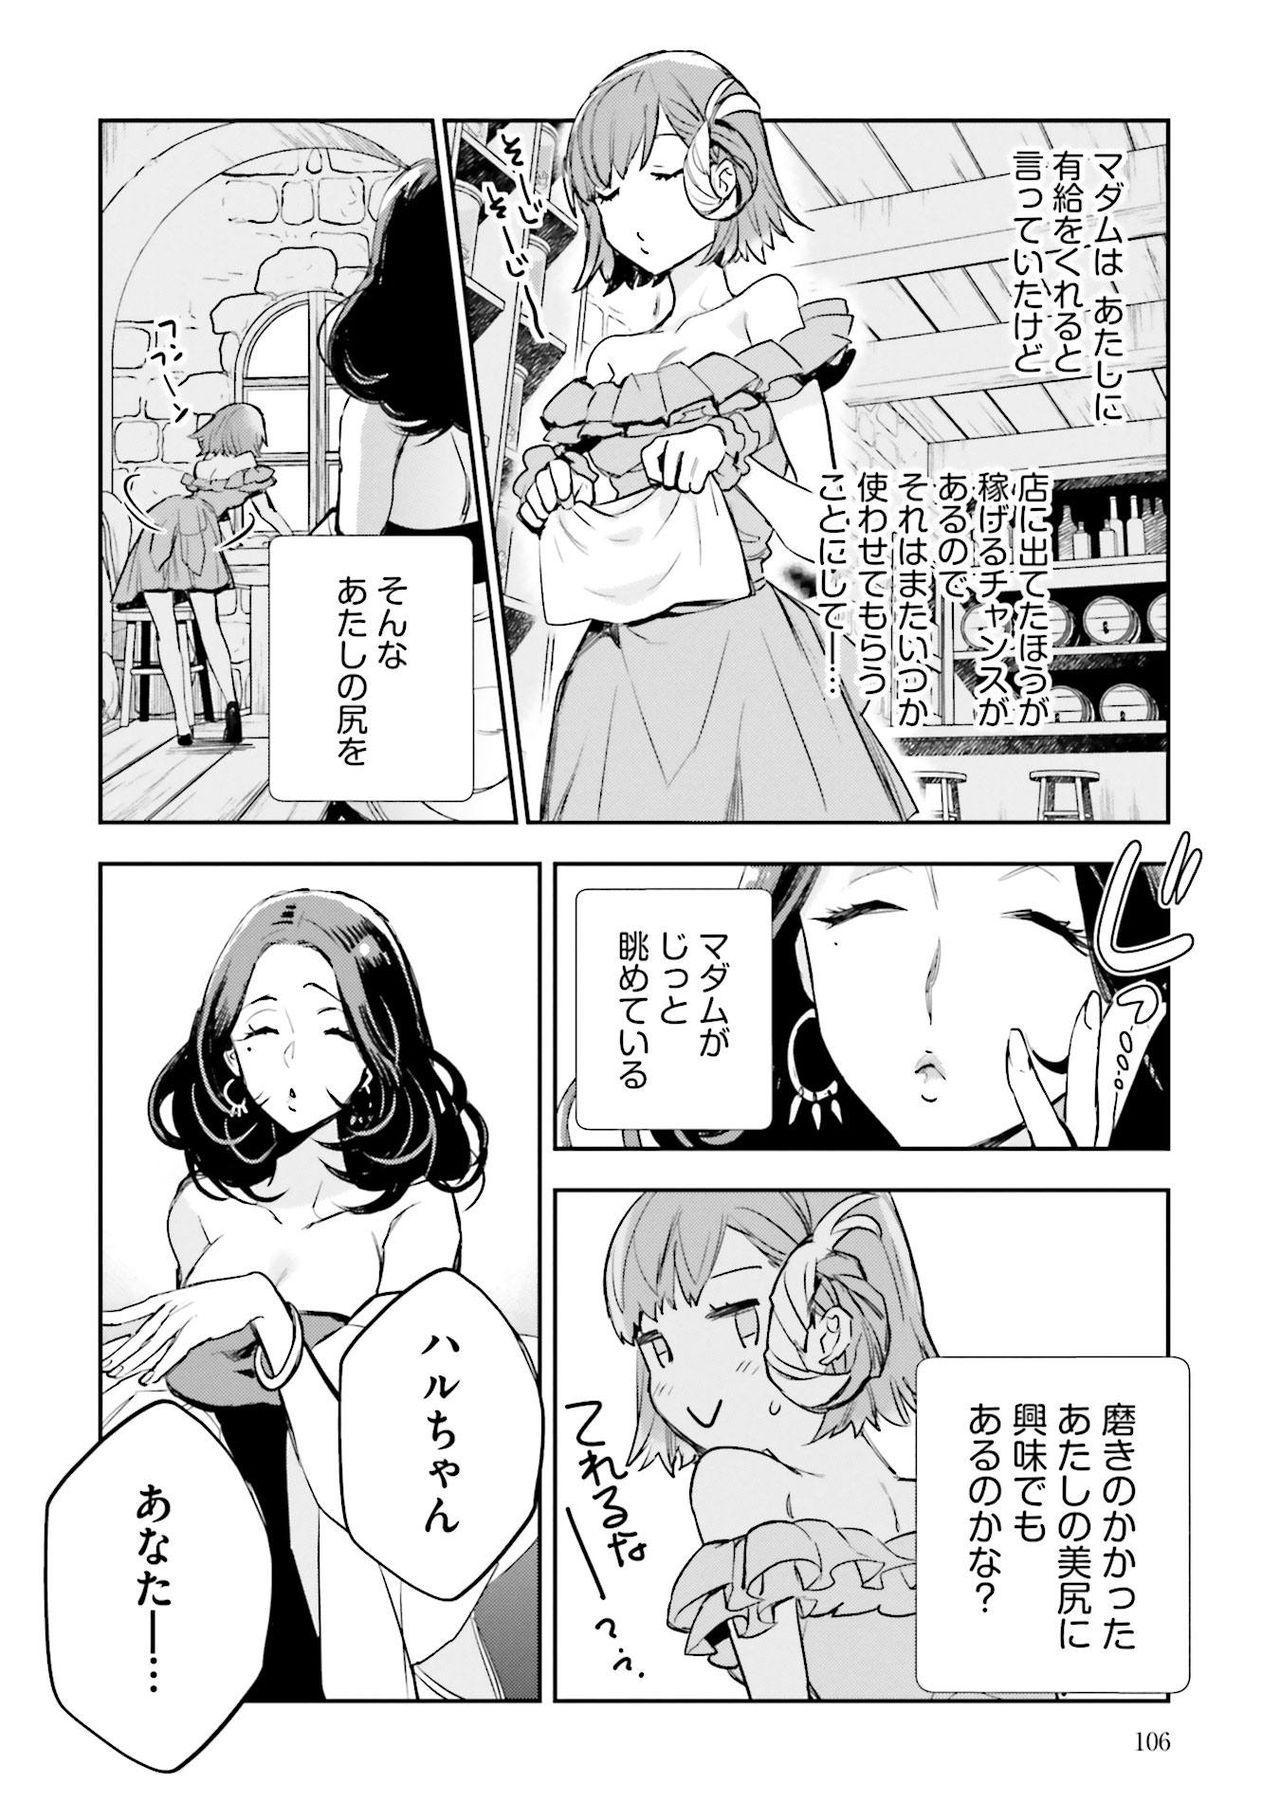 JK Haru wa Isekai de Shoufu ni Natta 1-14 294